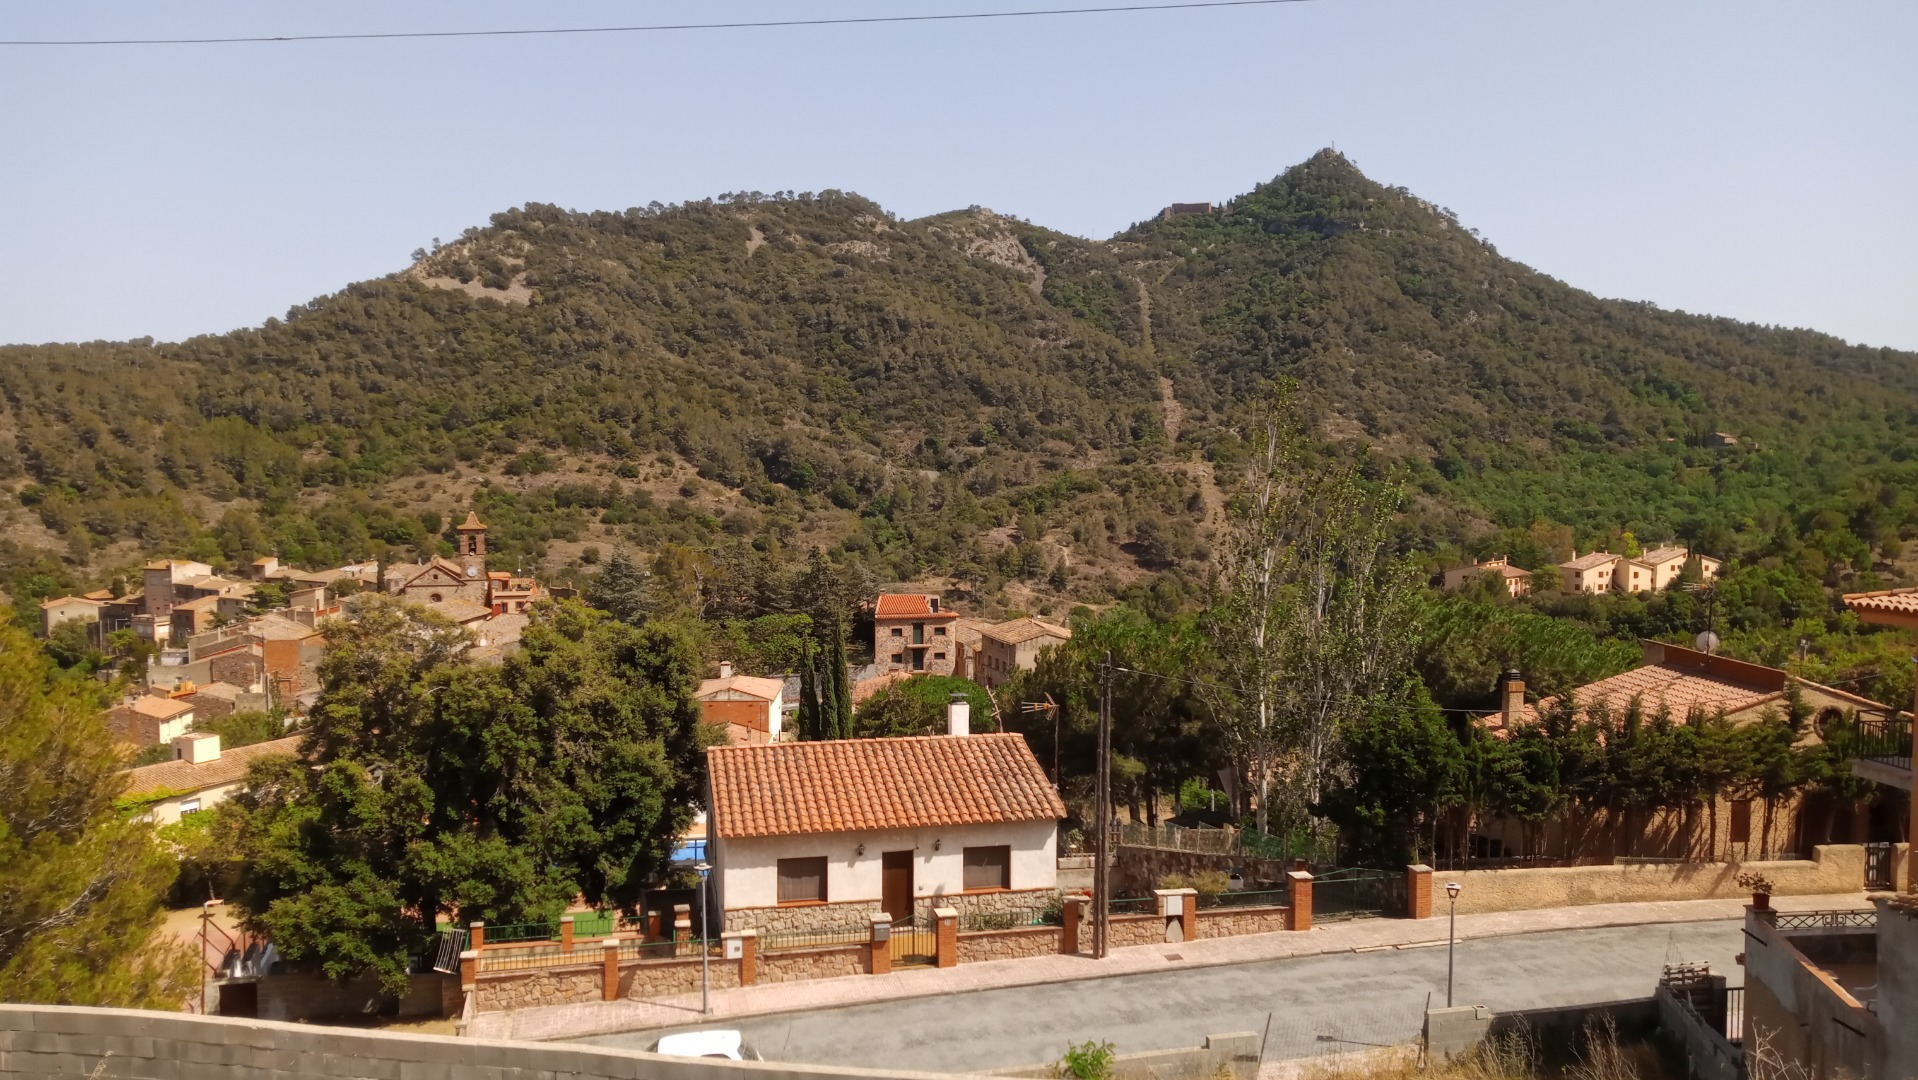 Casa  Riudoms, zona de - l'argentera. Casa de 3habitaciones y 1 banos con expectaculares vistas a la m